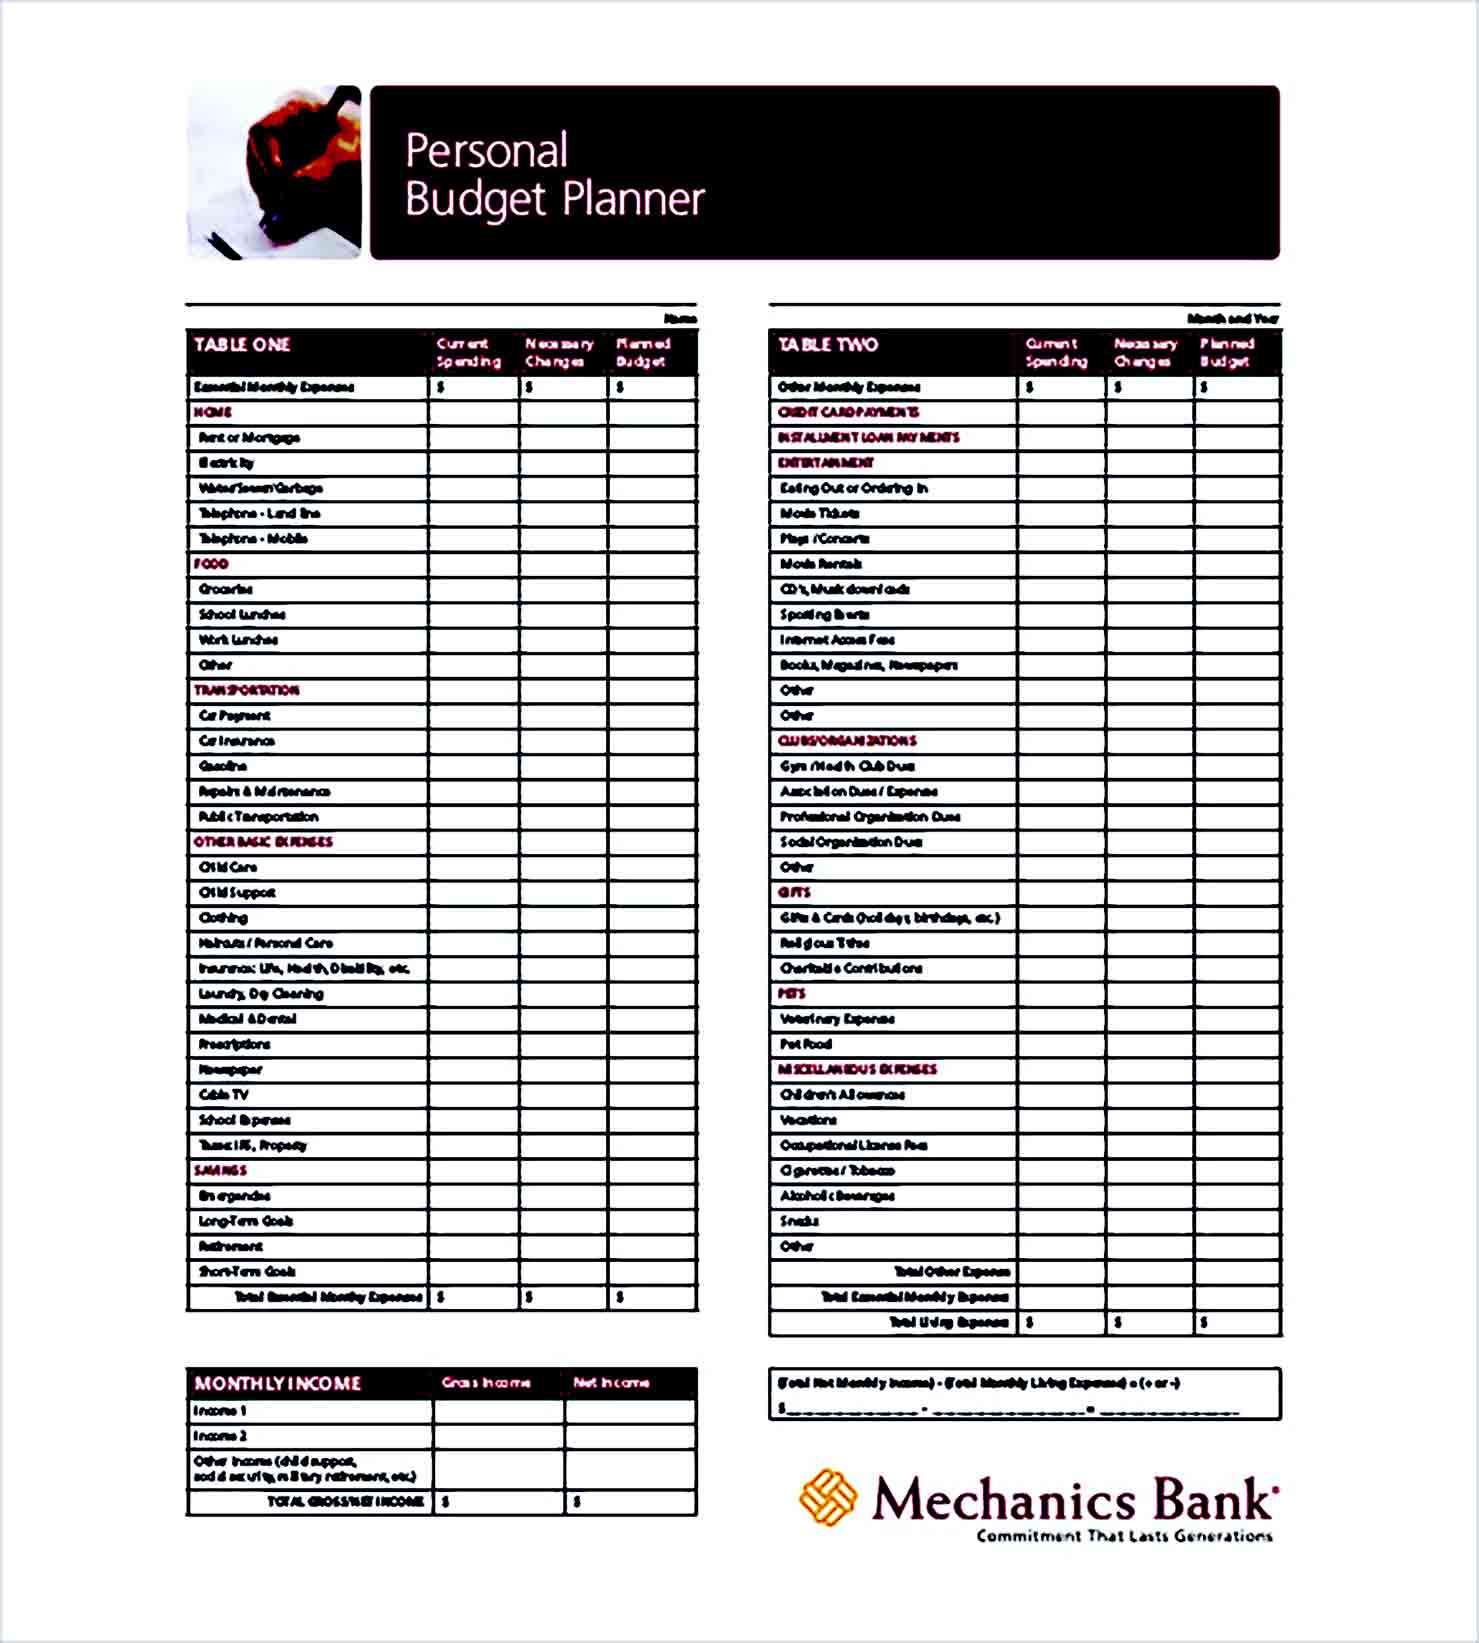 Sample Budget Planner 001